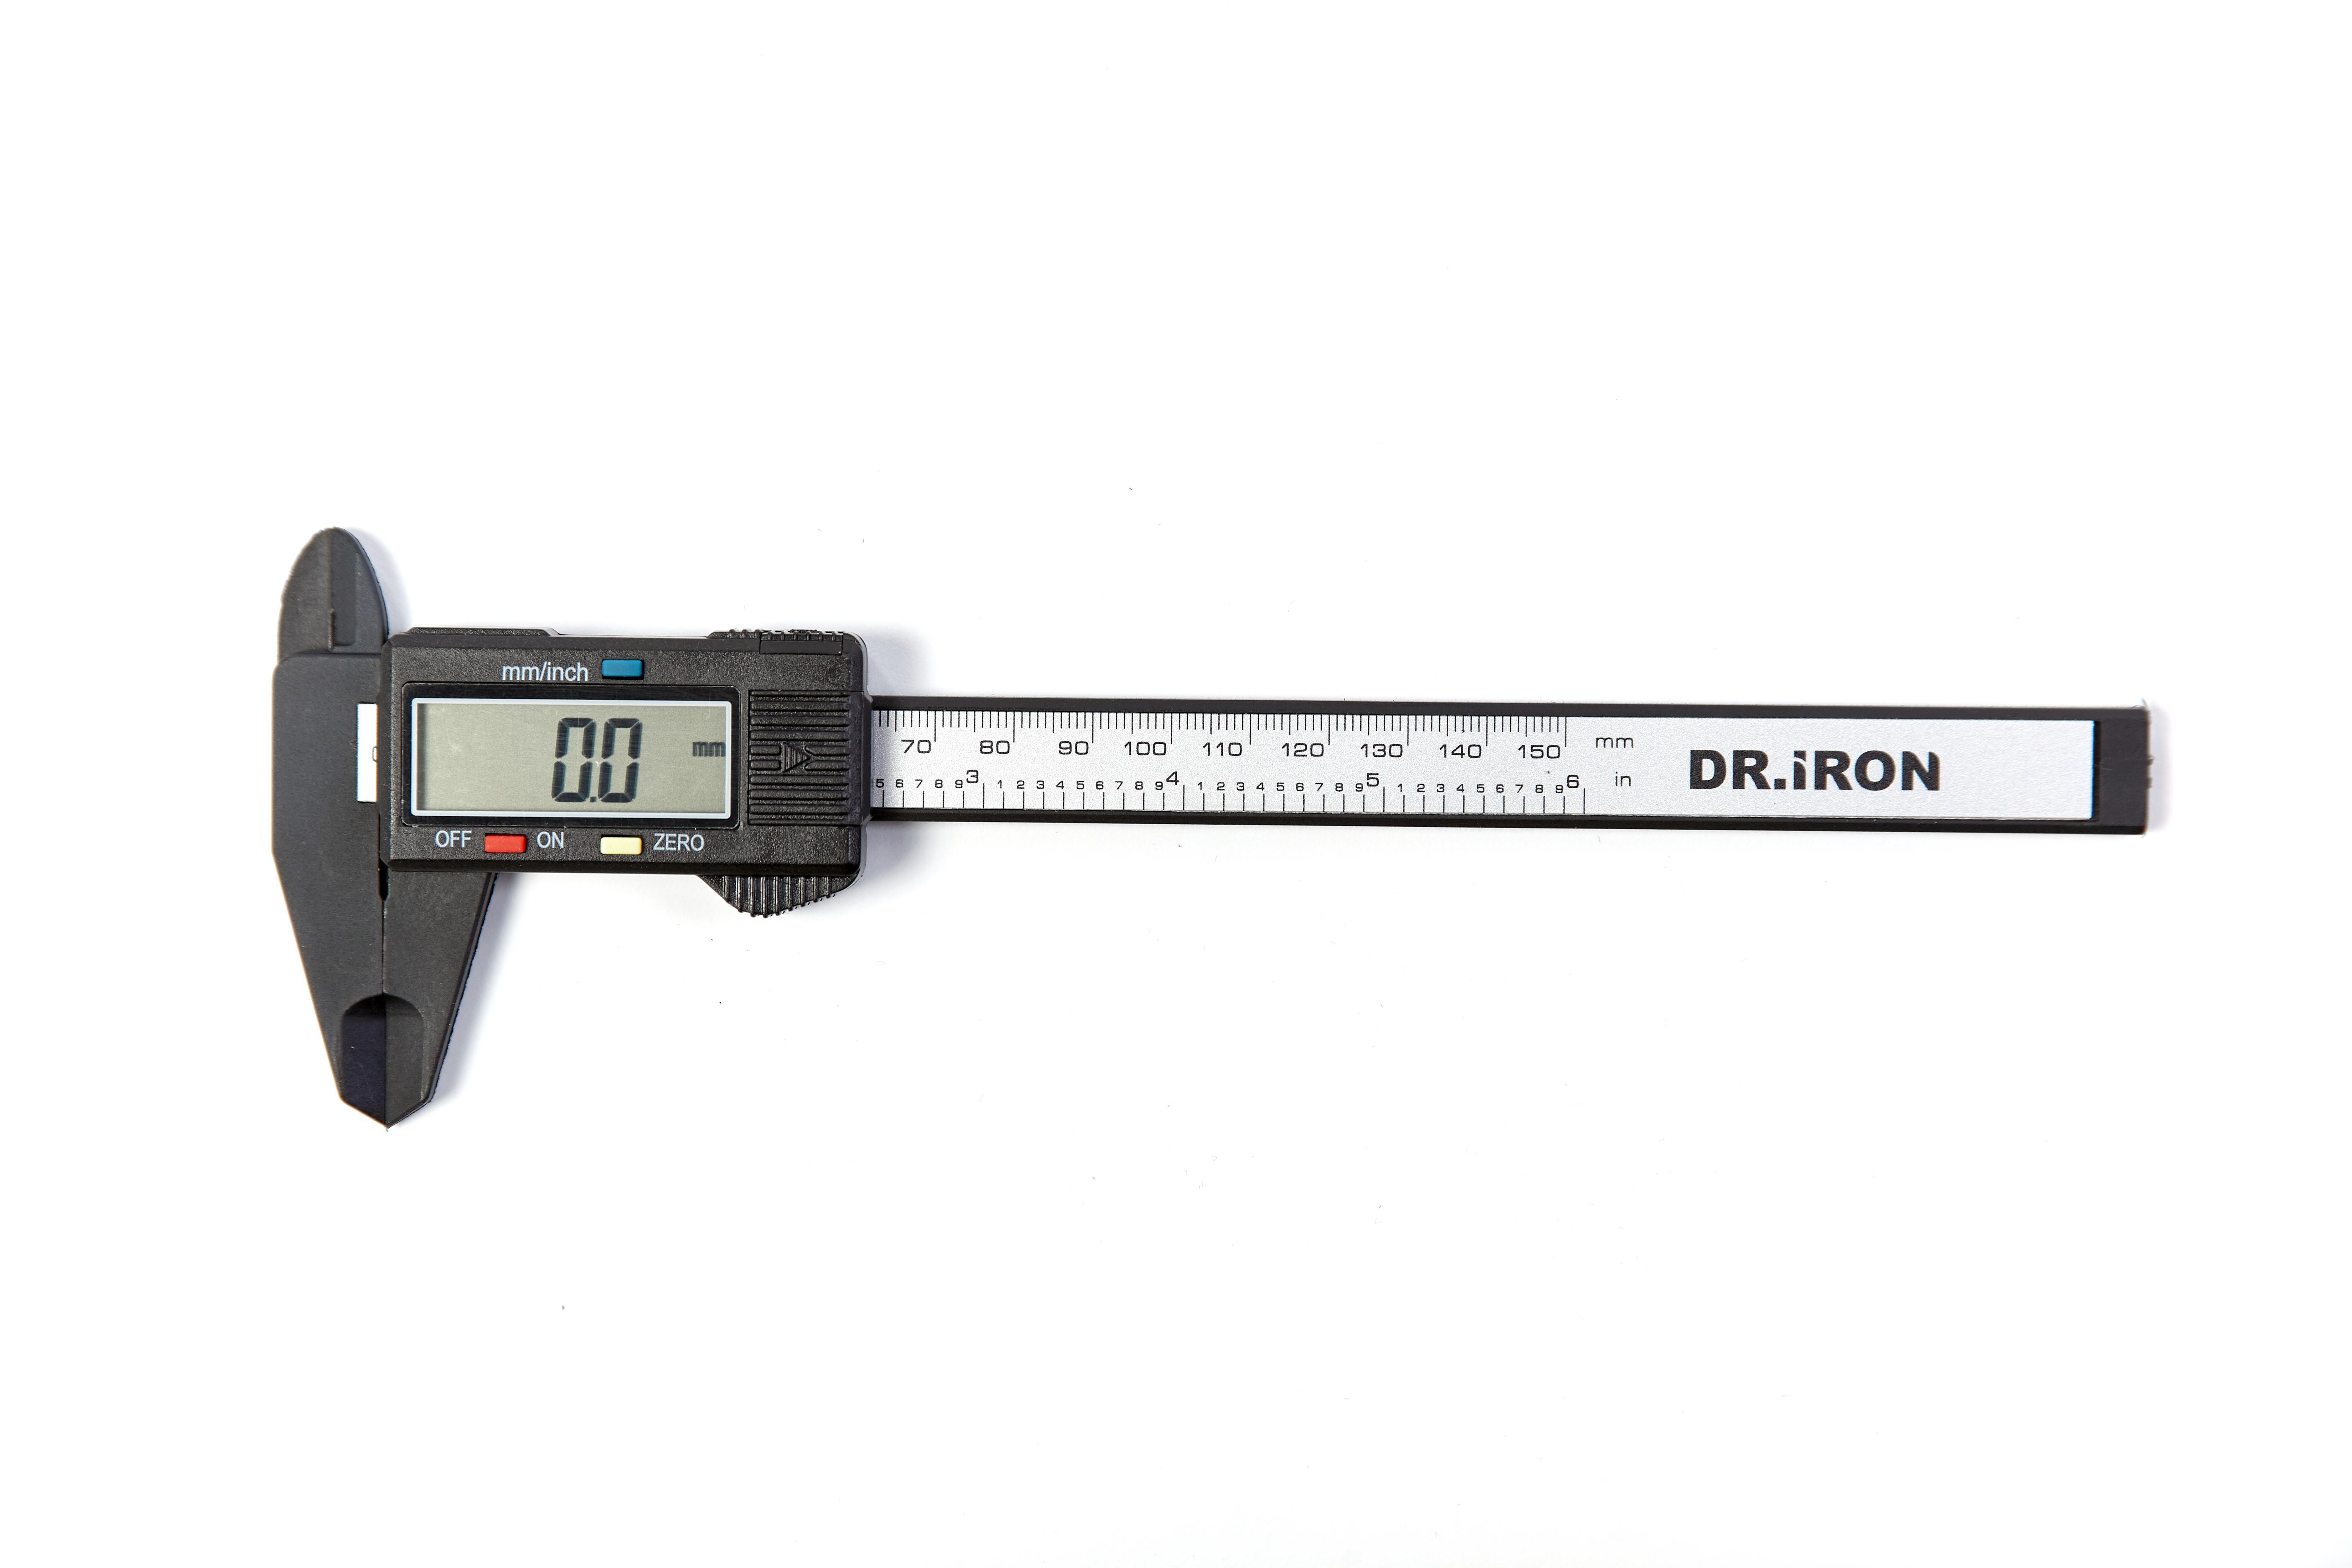 купить Штангенциркуль Dr.iron Dr6001 дешево